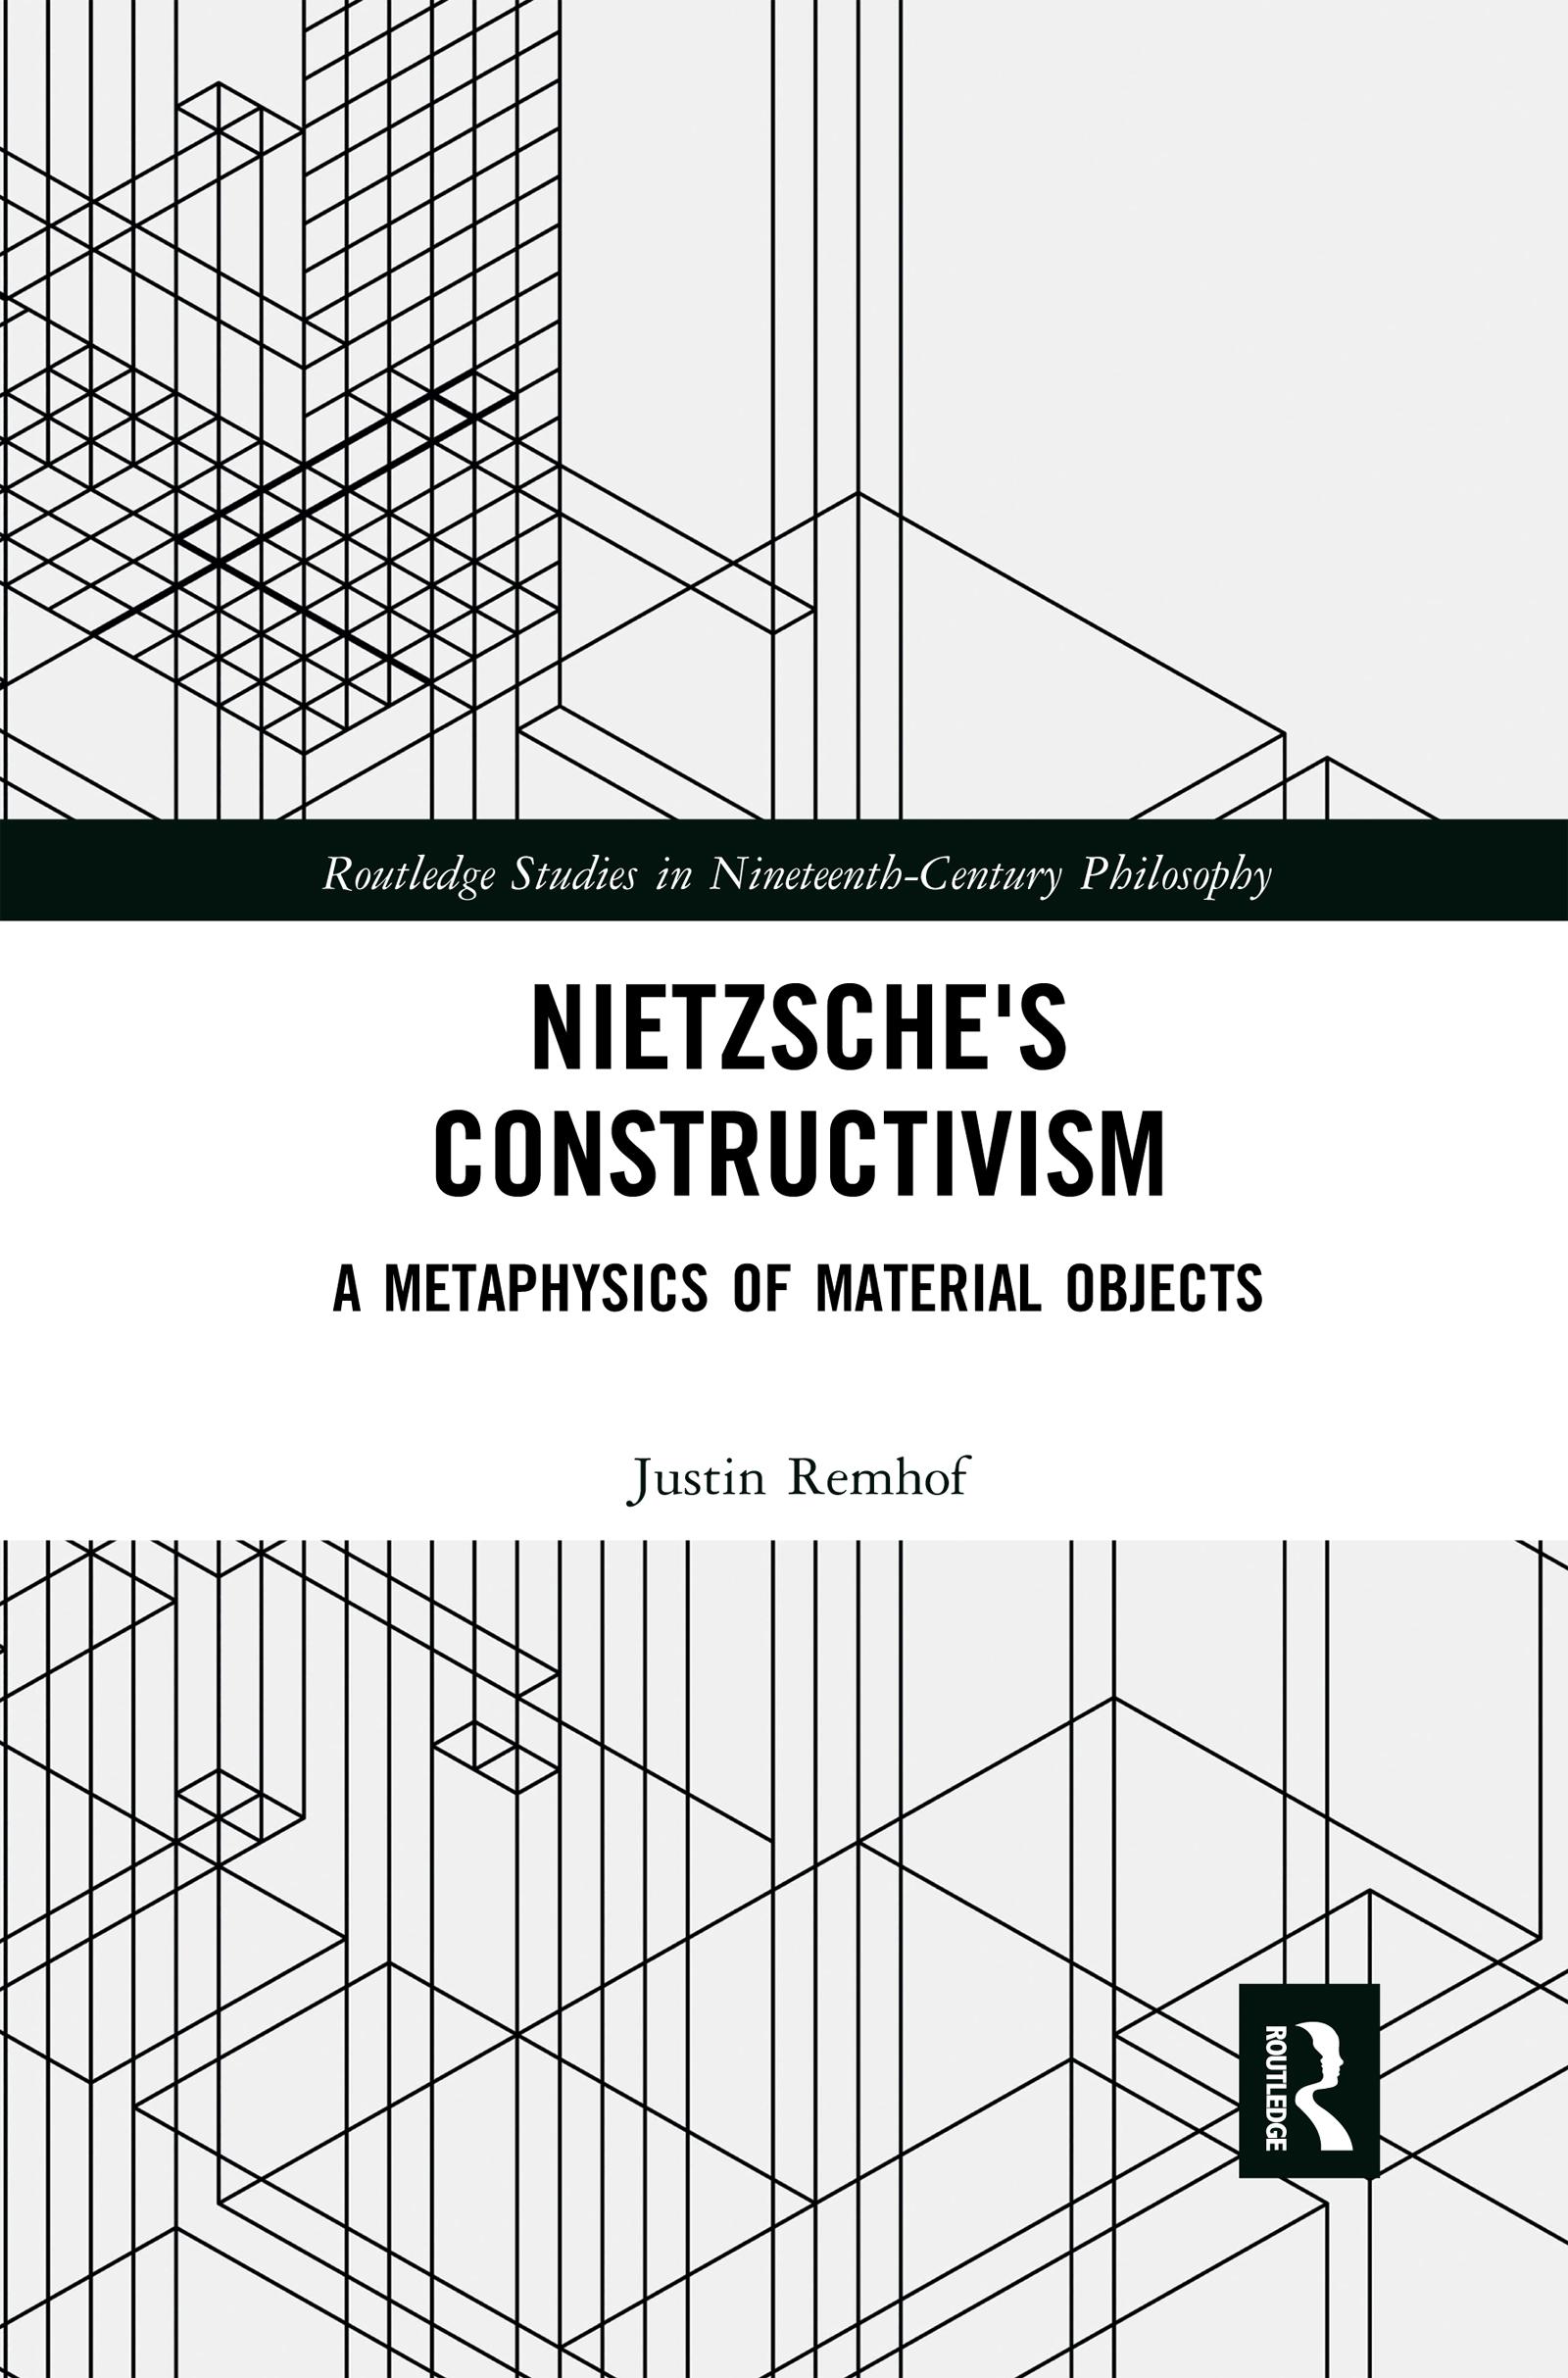 Nietzsche's Constructivism